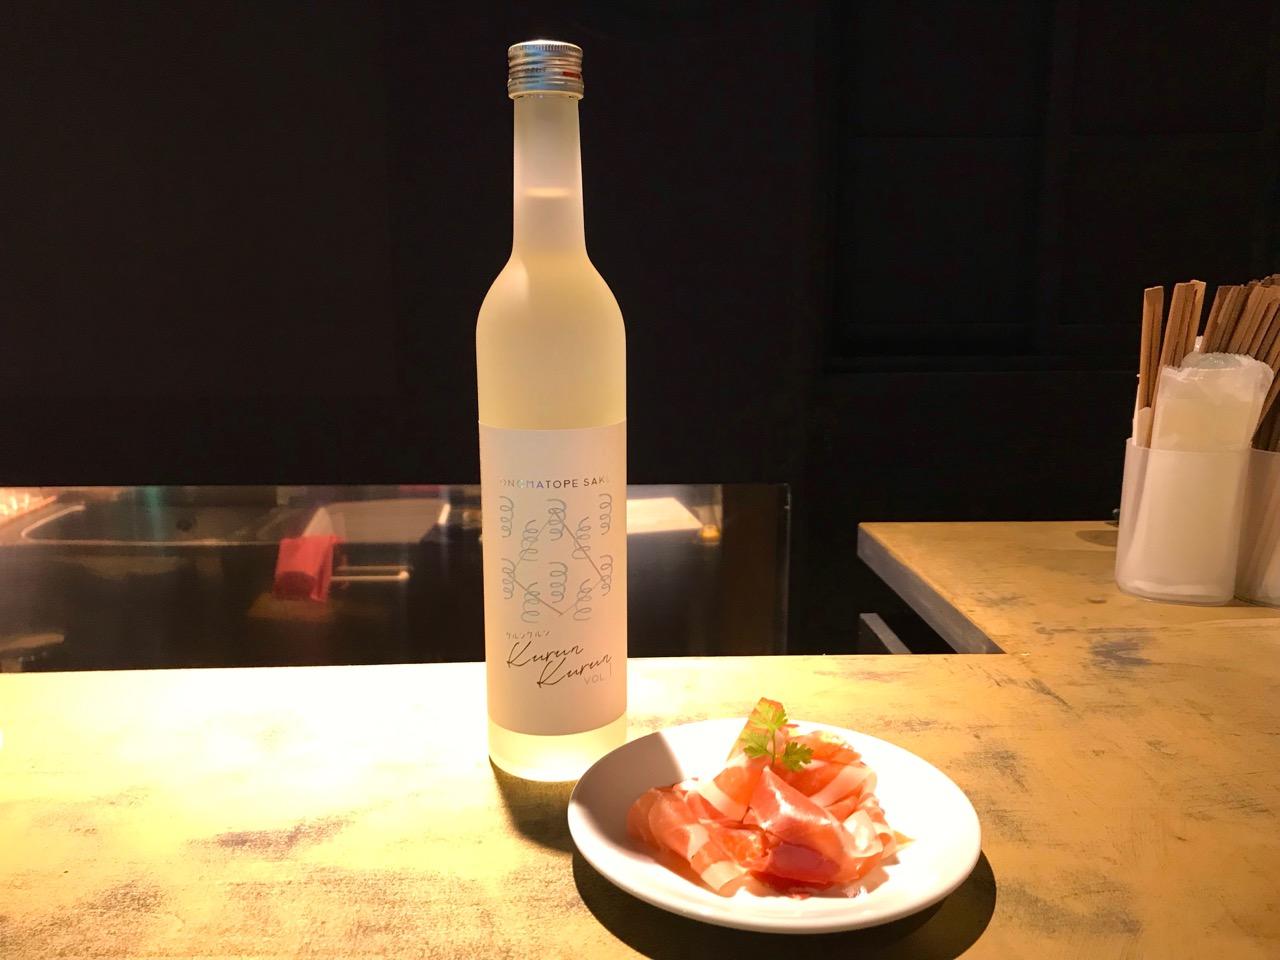 日本酒「クルクル」と熟成生ハムのペアリング